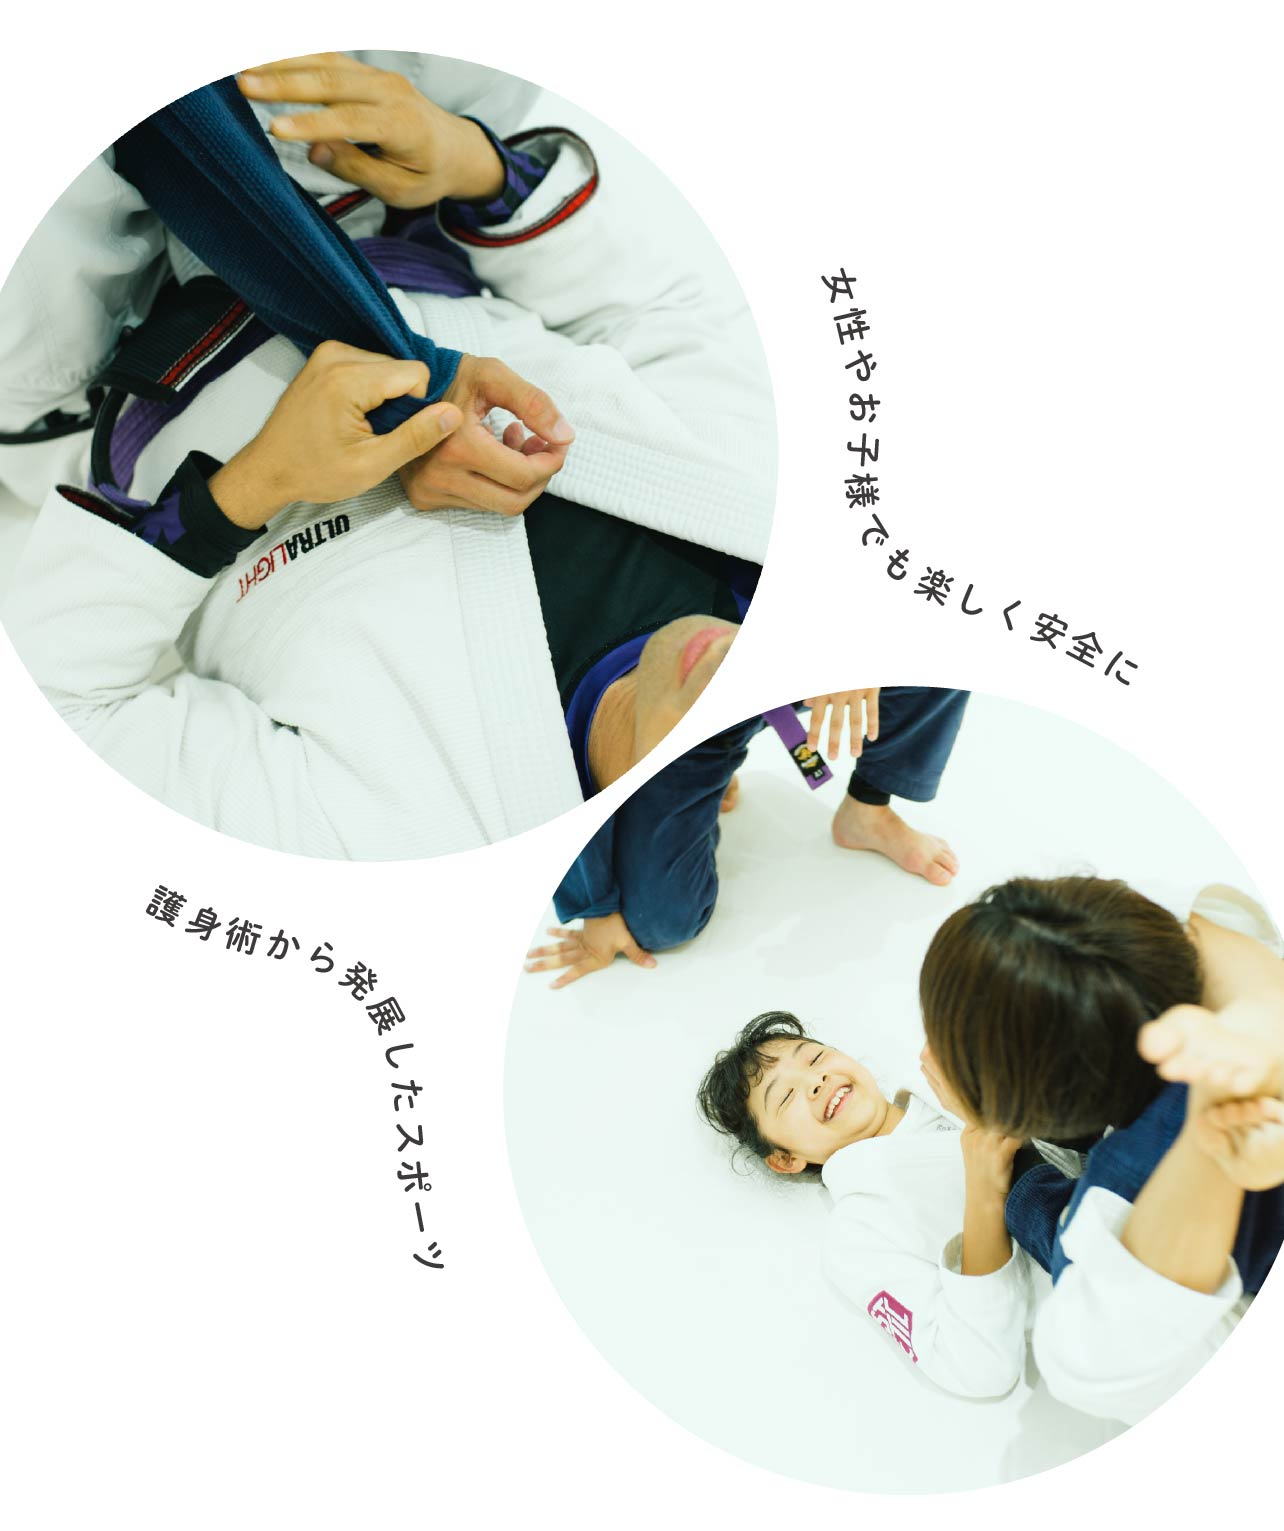 女性やお子様でも楽しく安全に、護身術から発展したスポーツ